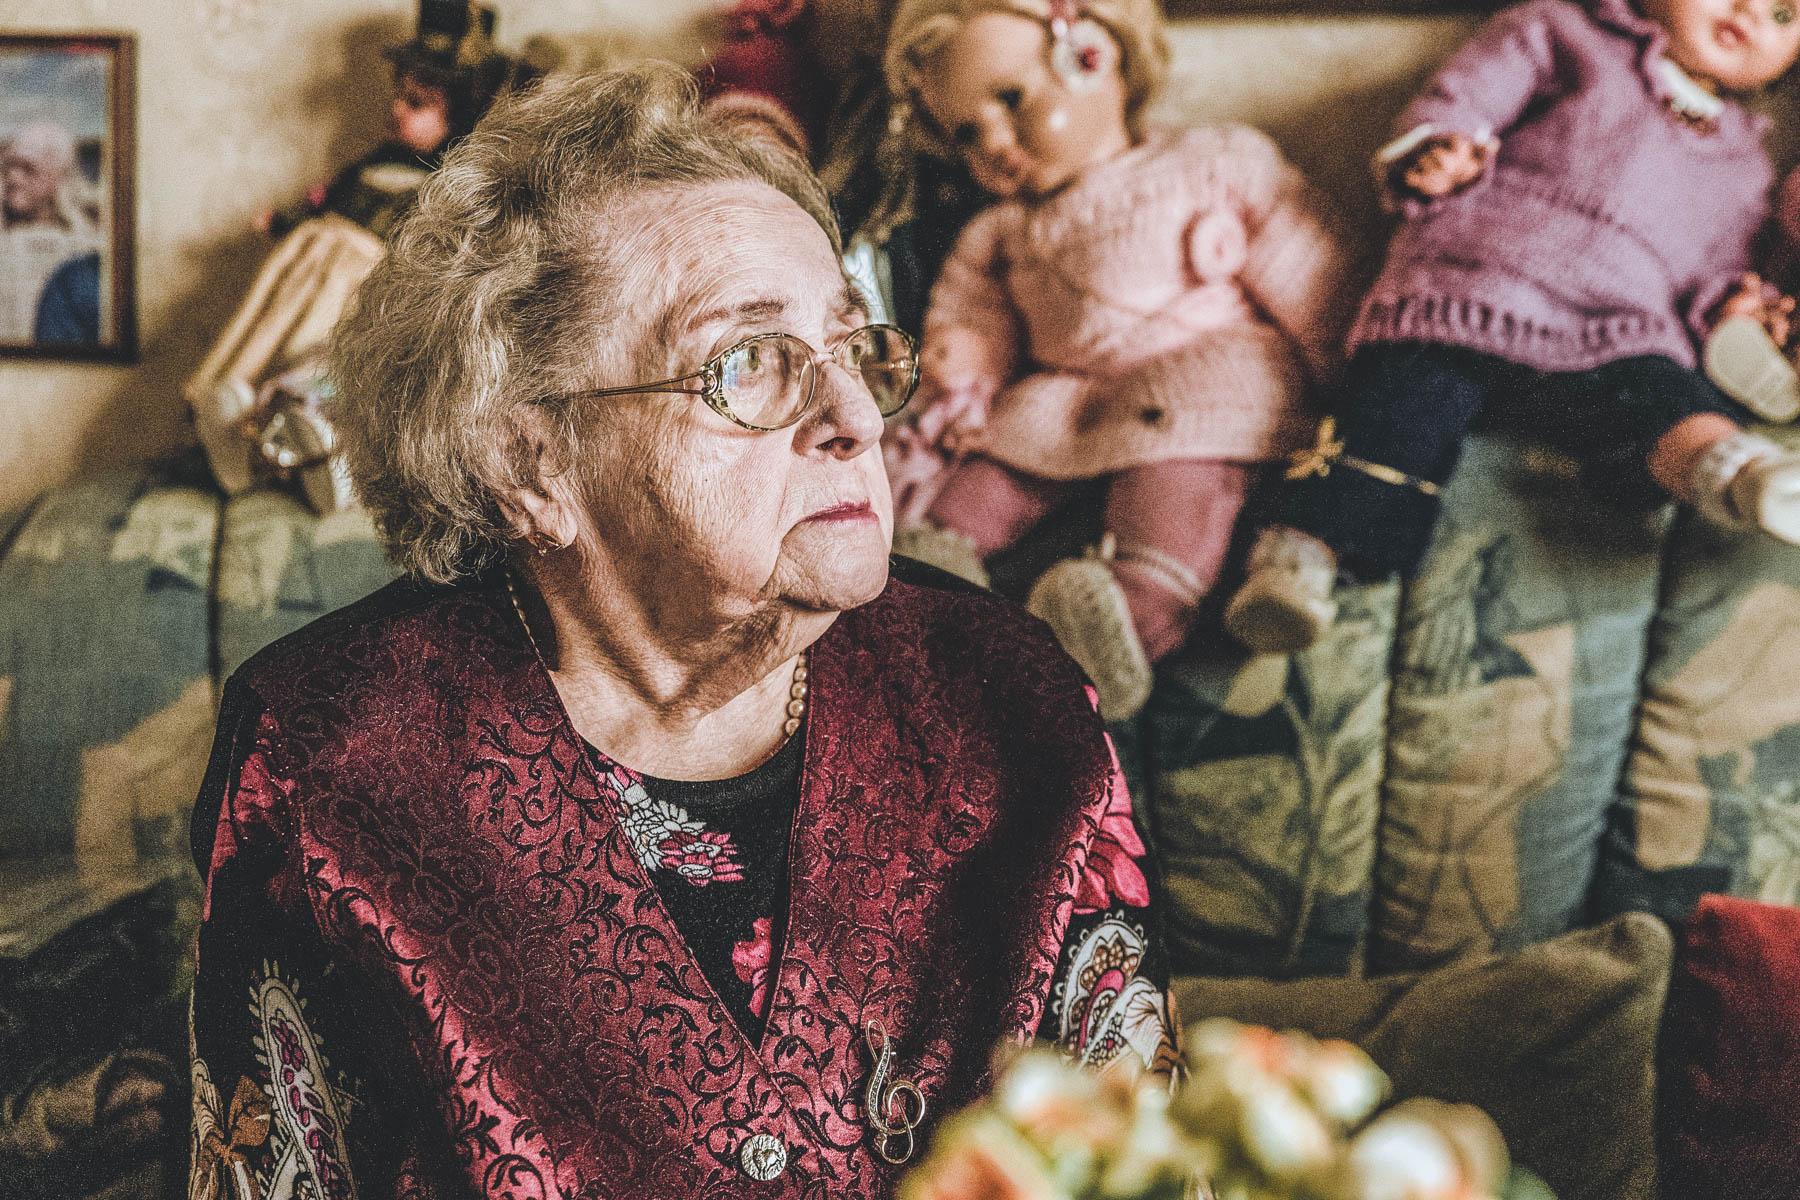 Geheimtipp Muenchen freunde alter menschen 2 – ©Freunde Alter Menschen e.V.